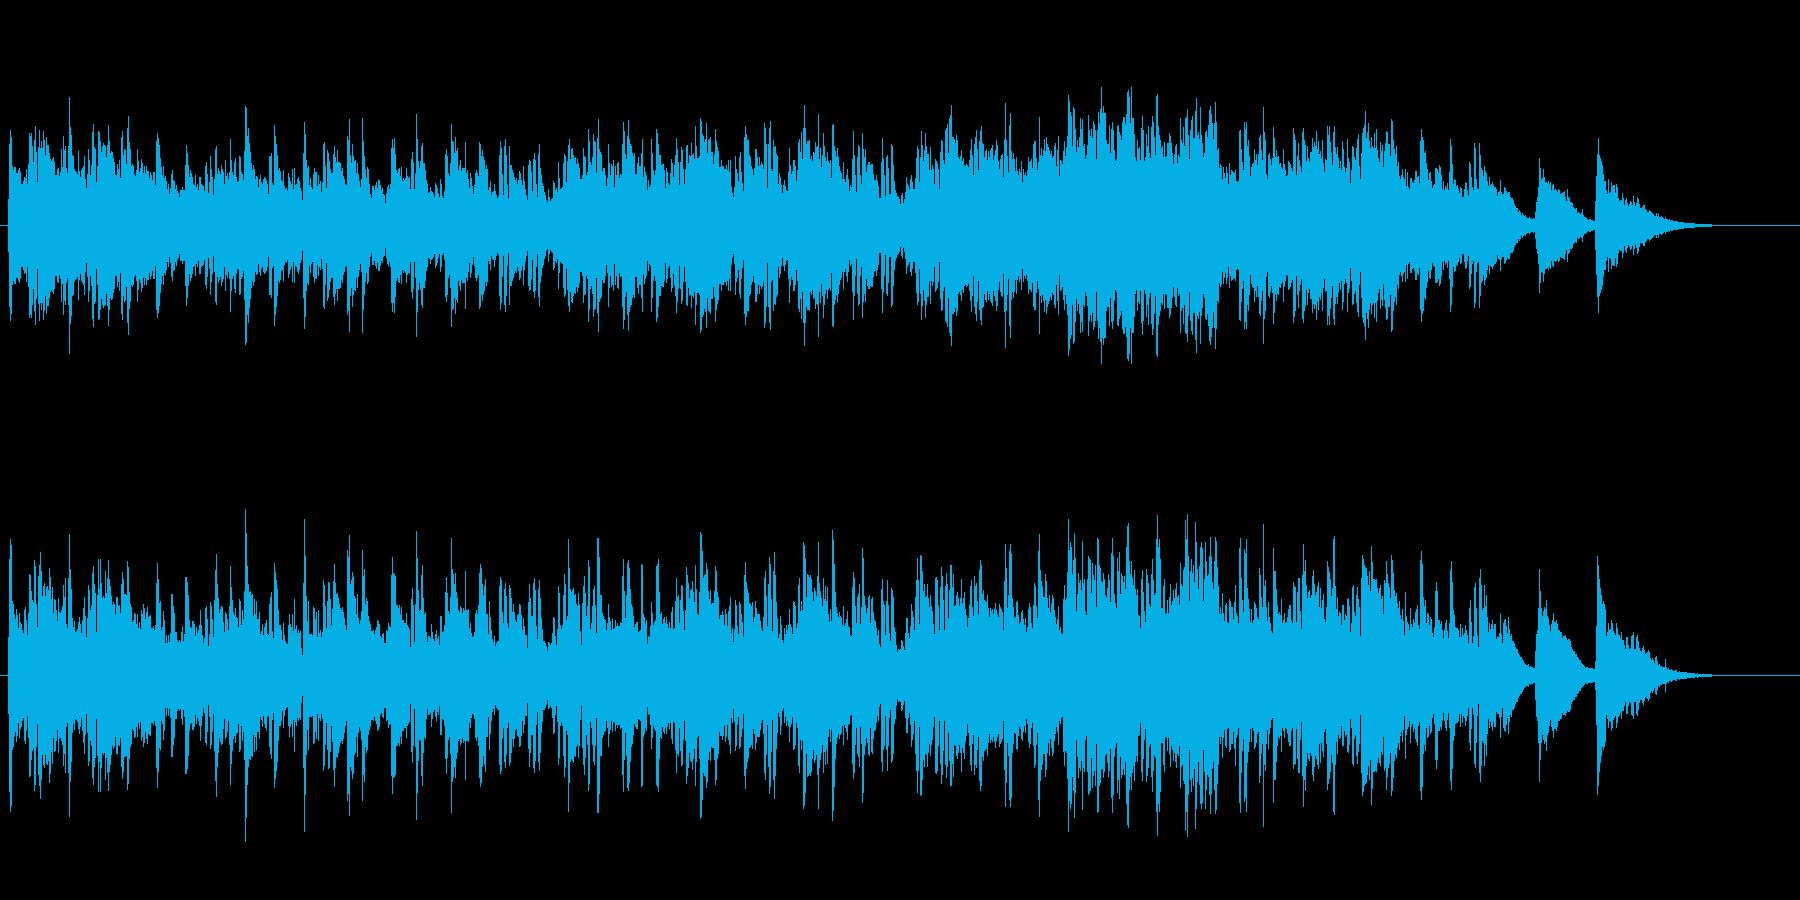 甘い雰囲気漂うムーディーなジャズの再生済みの波形